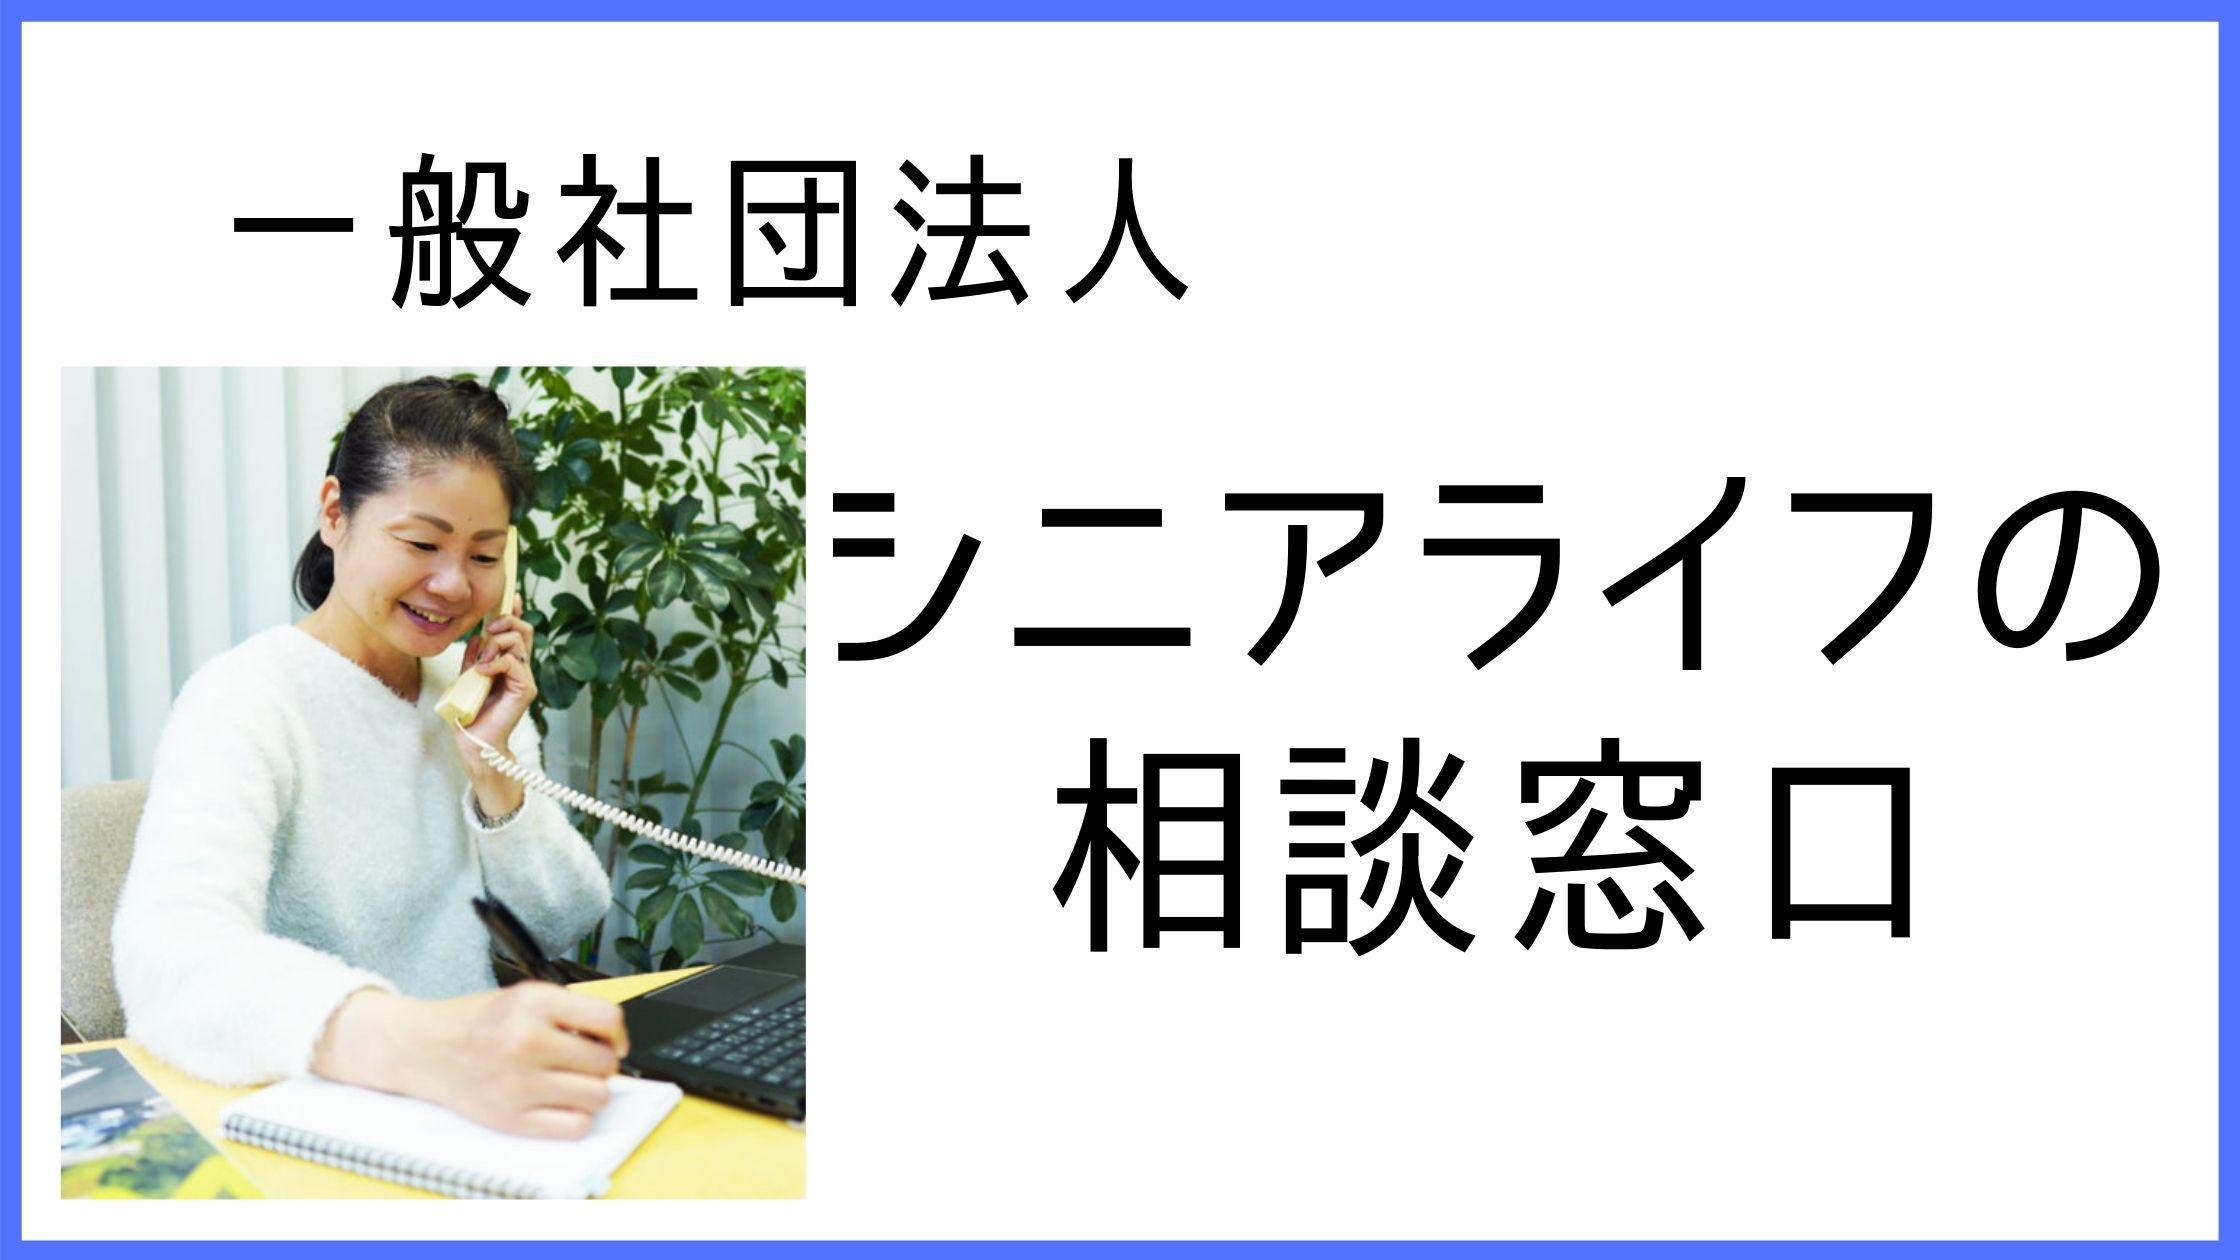 東京 シニアライフの相談窓口 田和真由美